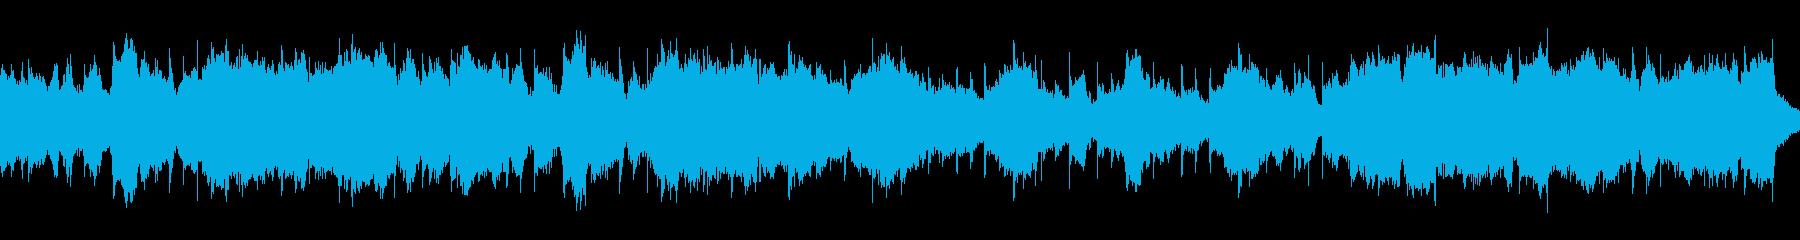 インド風エスニック音楽 シタール タブラの再生済みの波形